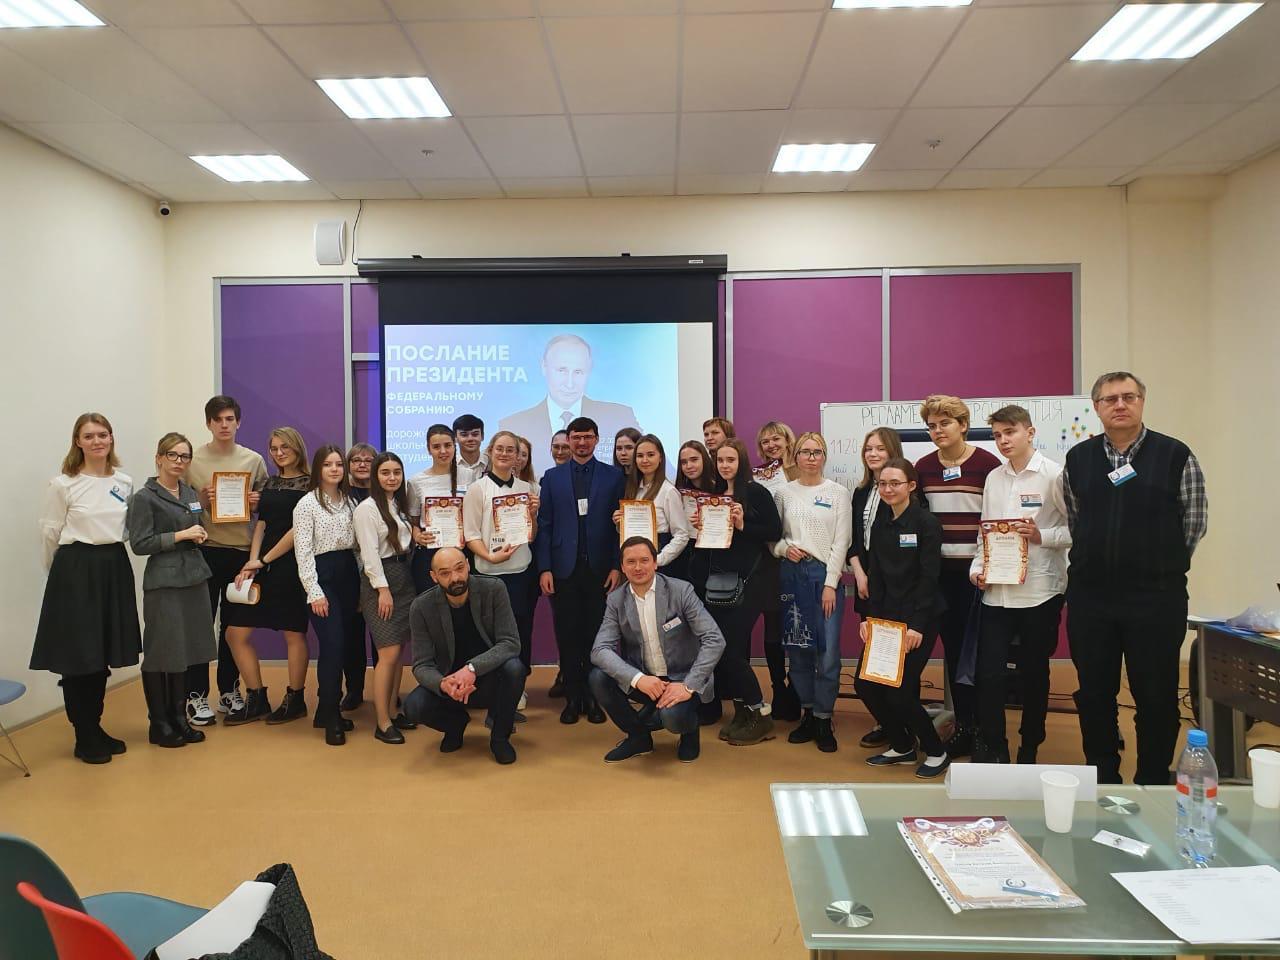 Учащиеся Ханты-Мансийска предложили организовать движение экоактивистов